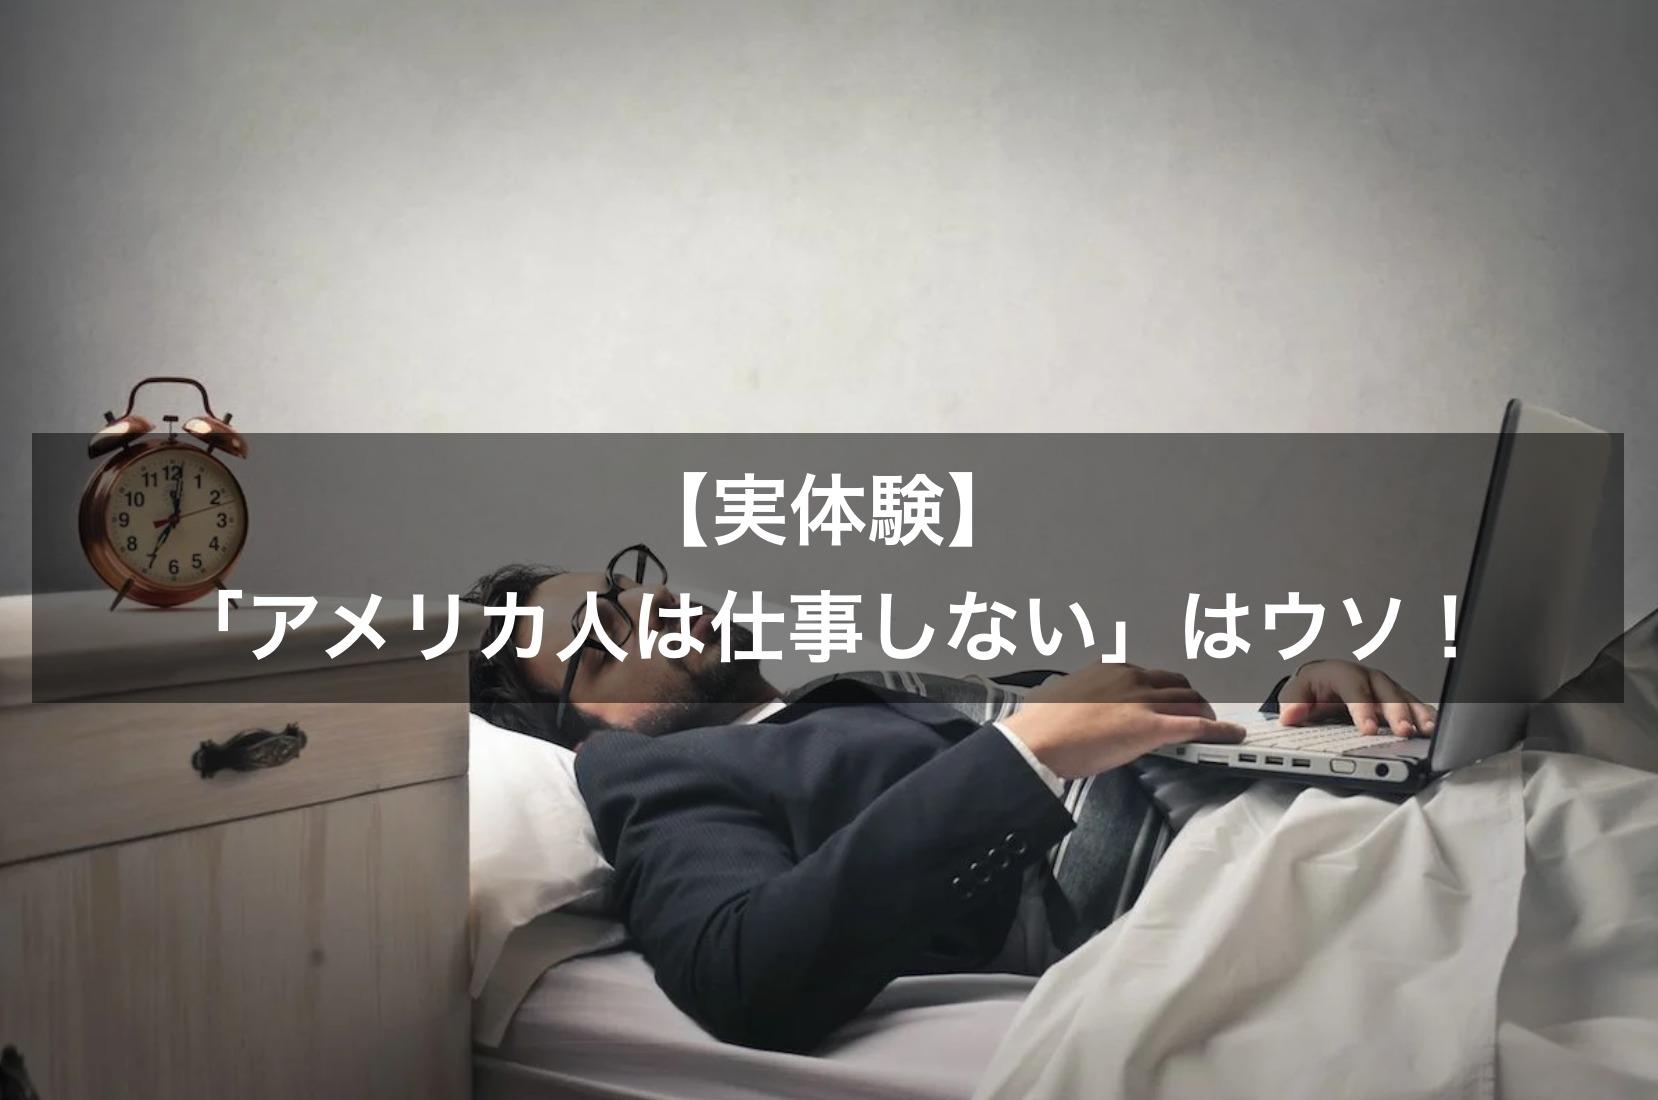 【実体験】「アメリカ人は仕事しない」はウソ!日本の働き方と給与も交えて考察